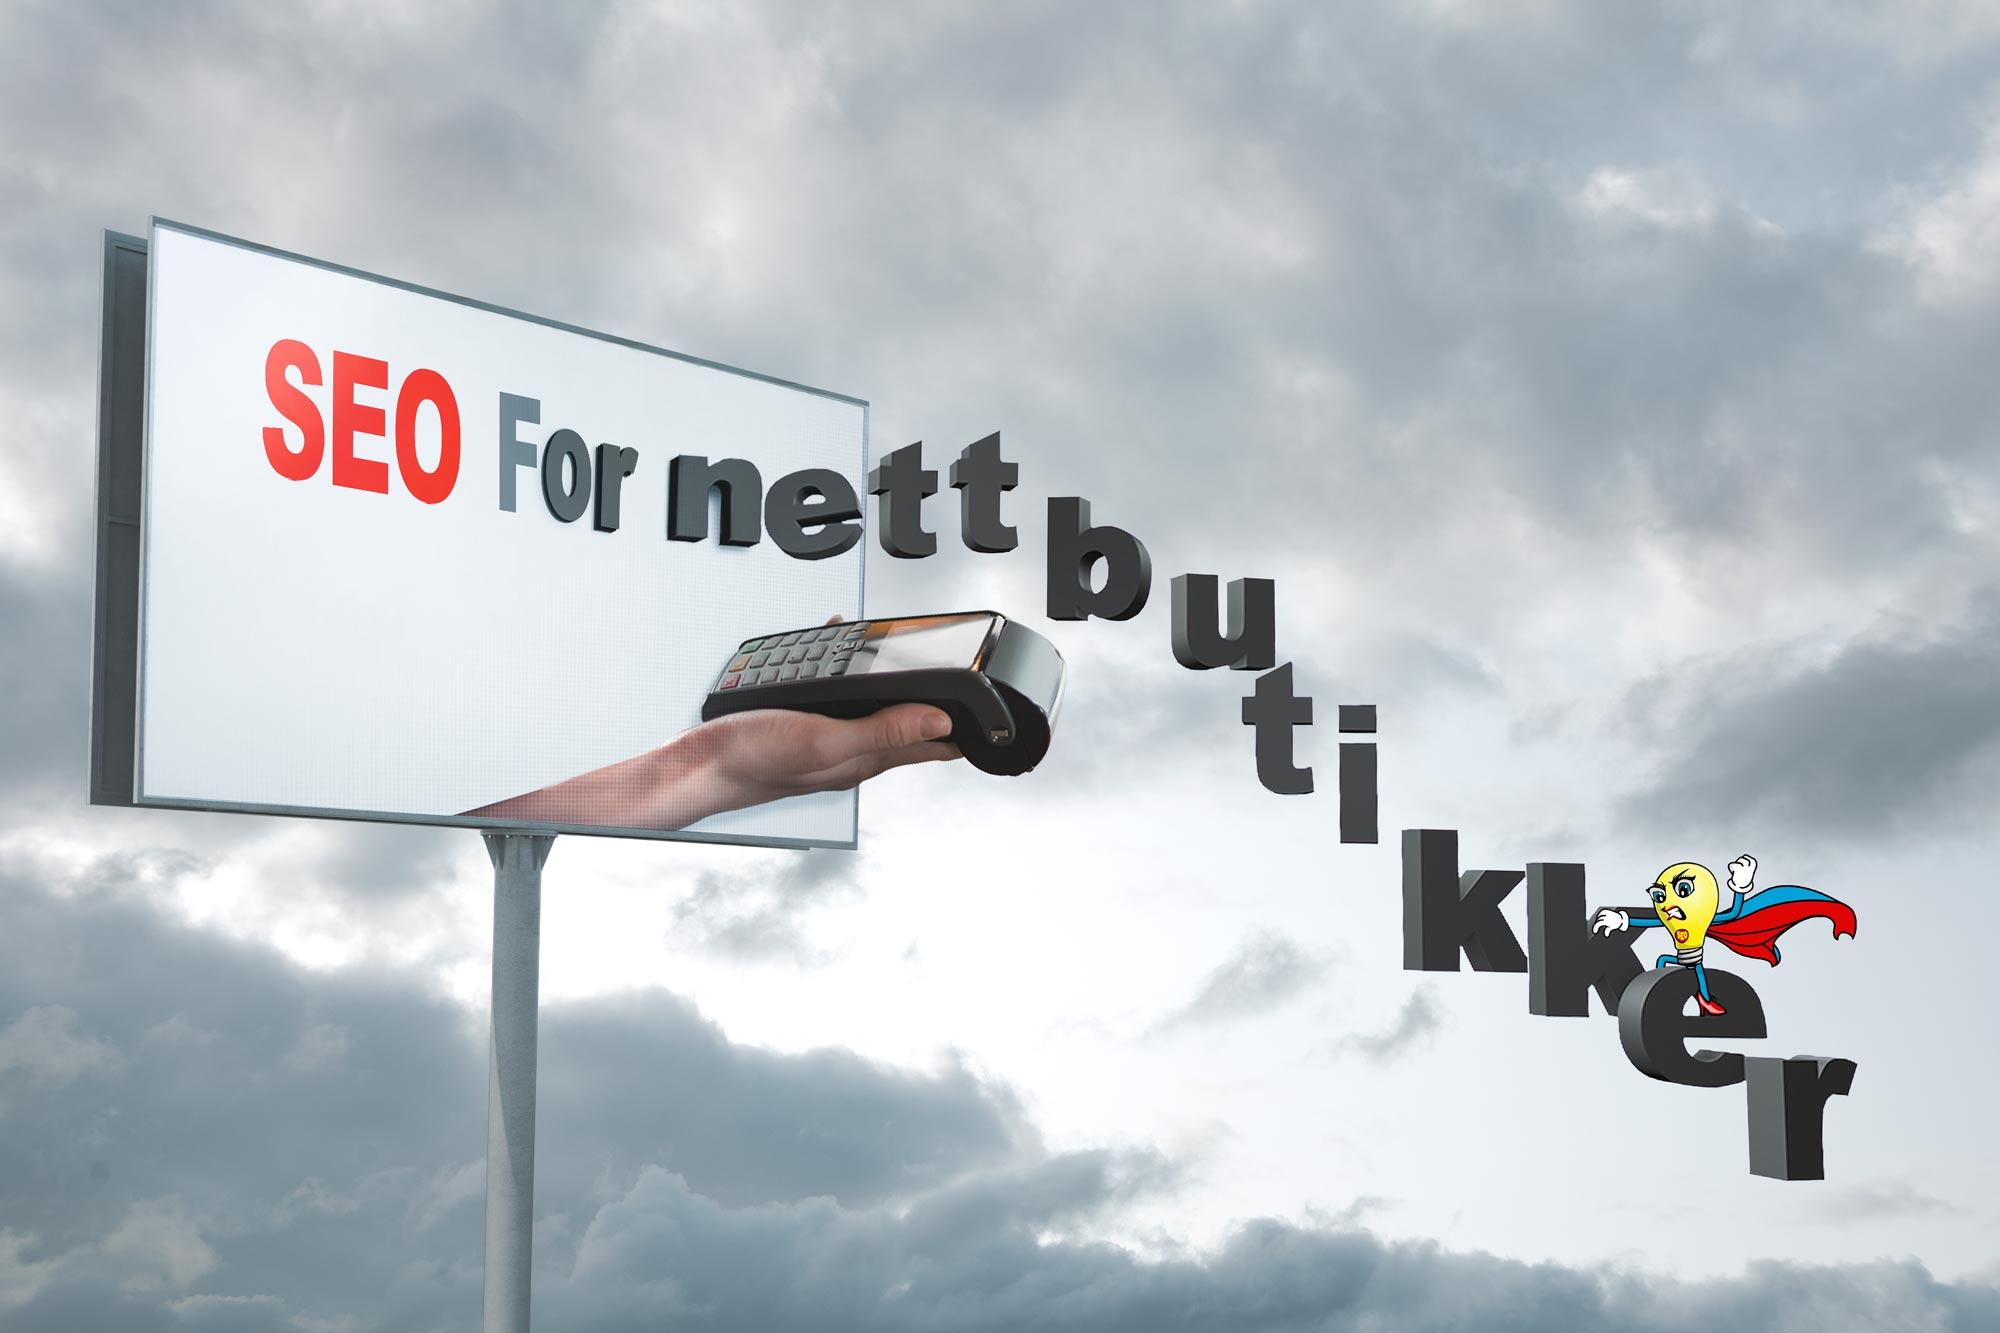 Om du skal lage nettbutikk er SEO nødvendig for å drive trafikk til siden.